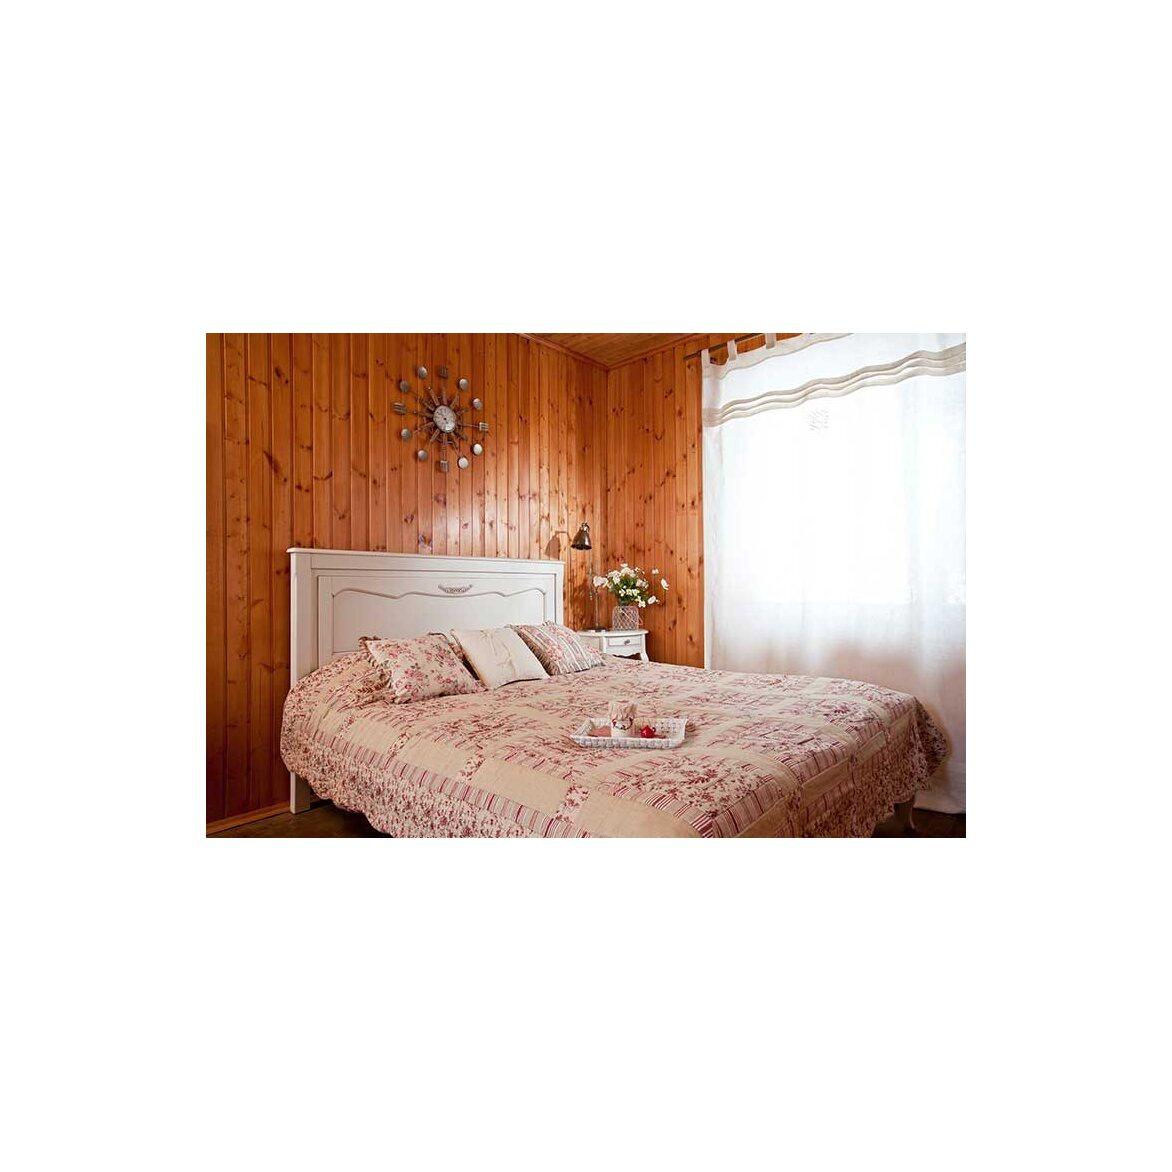 Кровать двуспальная 160*200 Leontina, бежевого цвета 5   Двуспальные кровати Kingsby